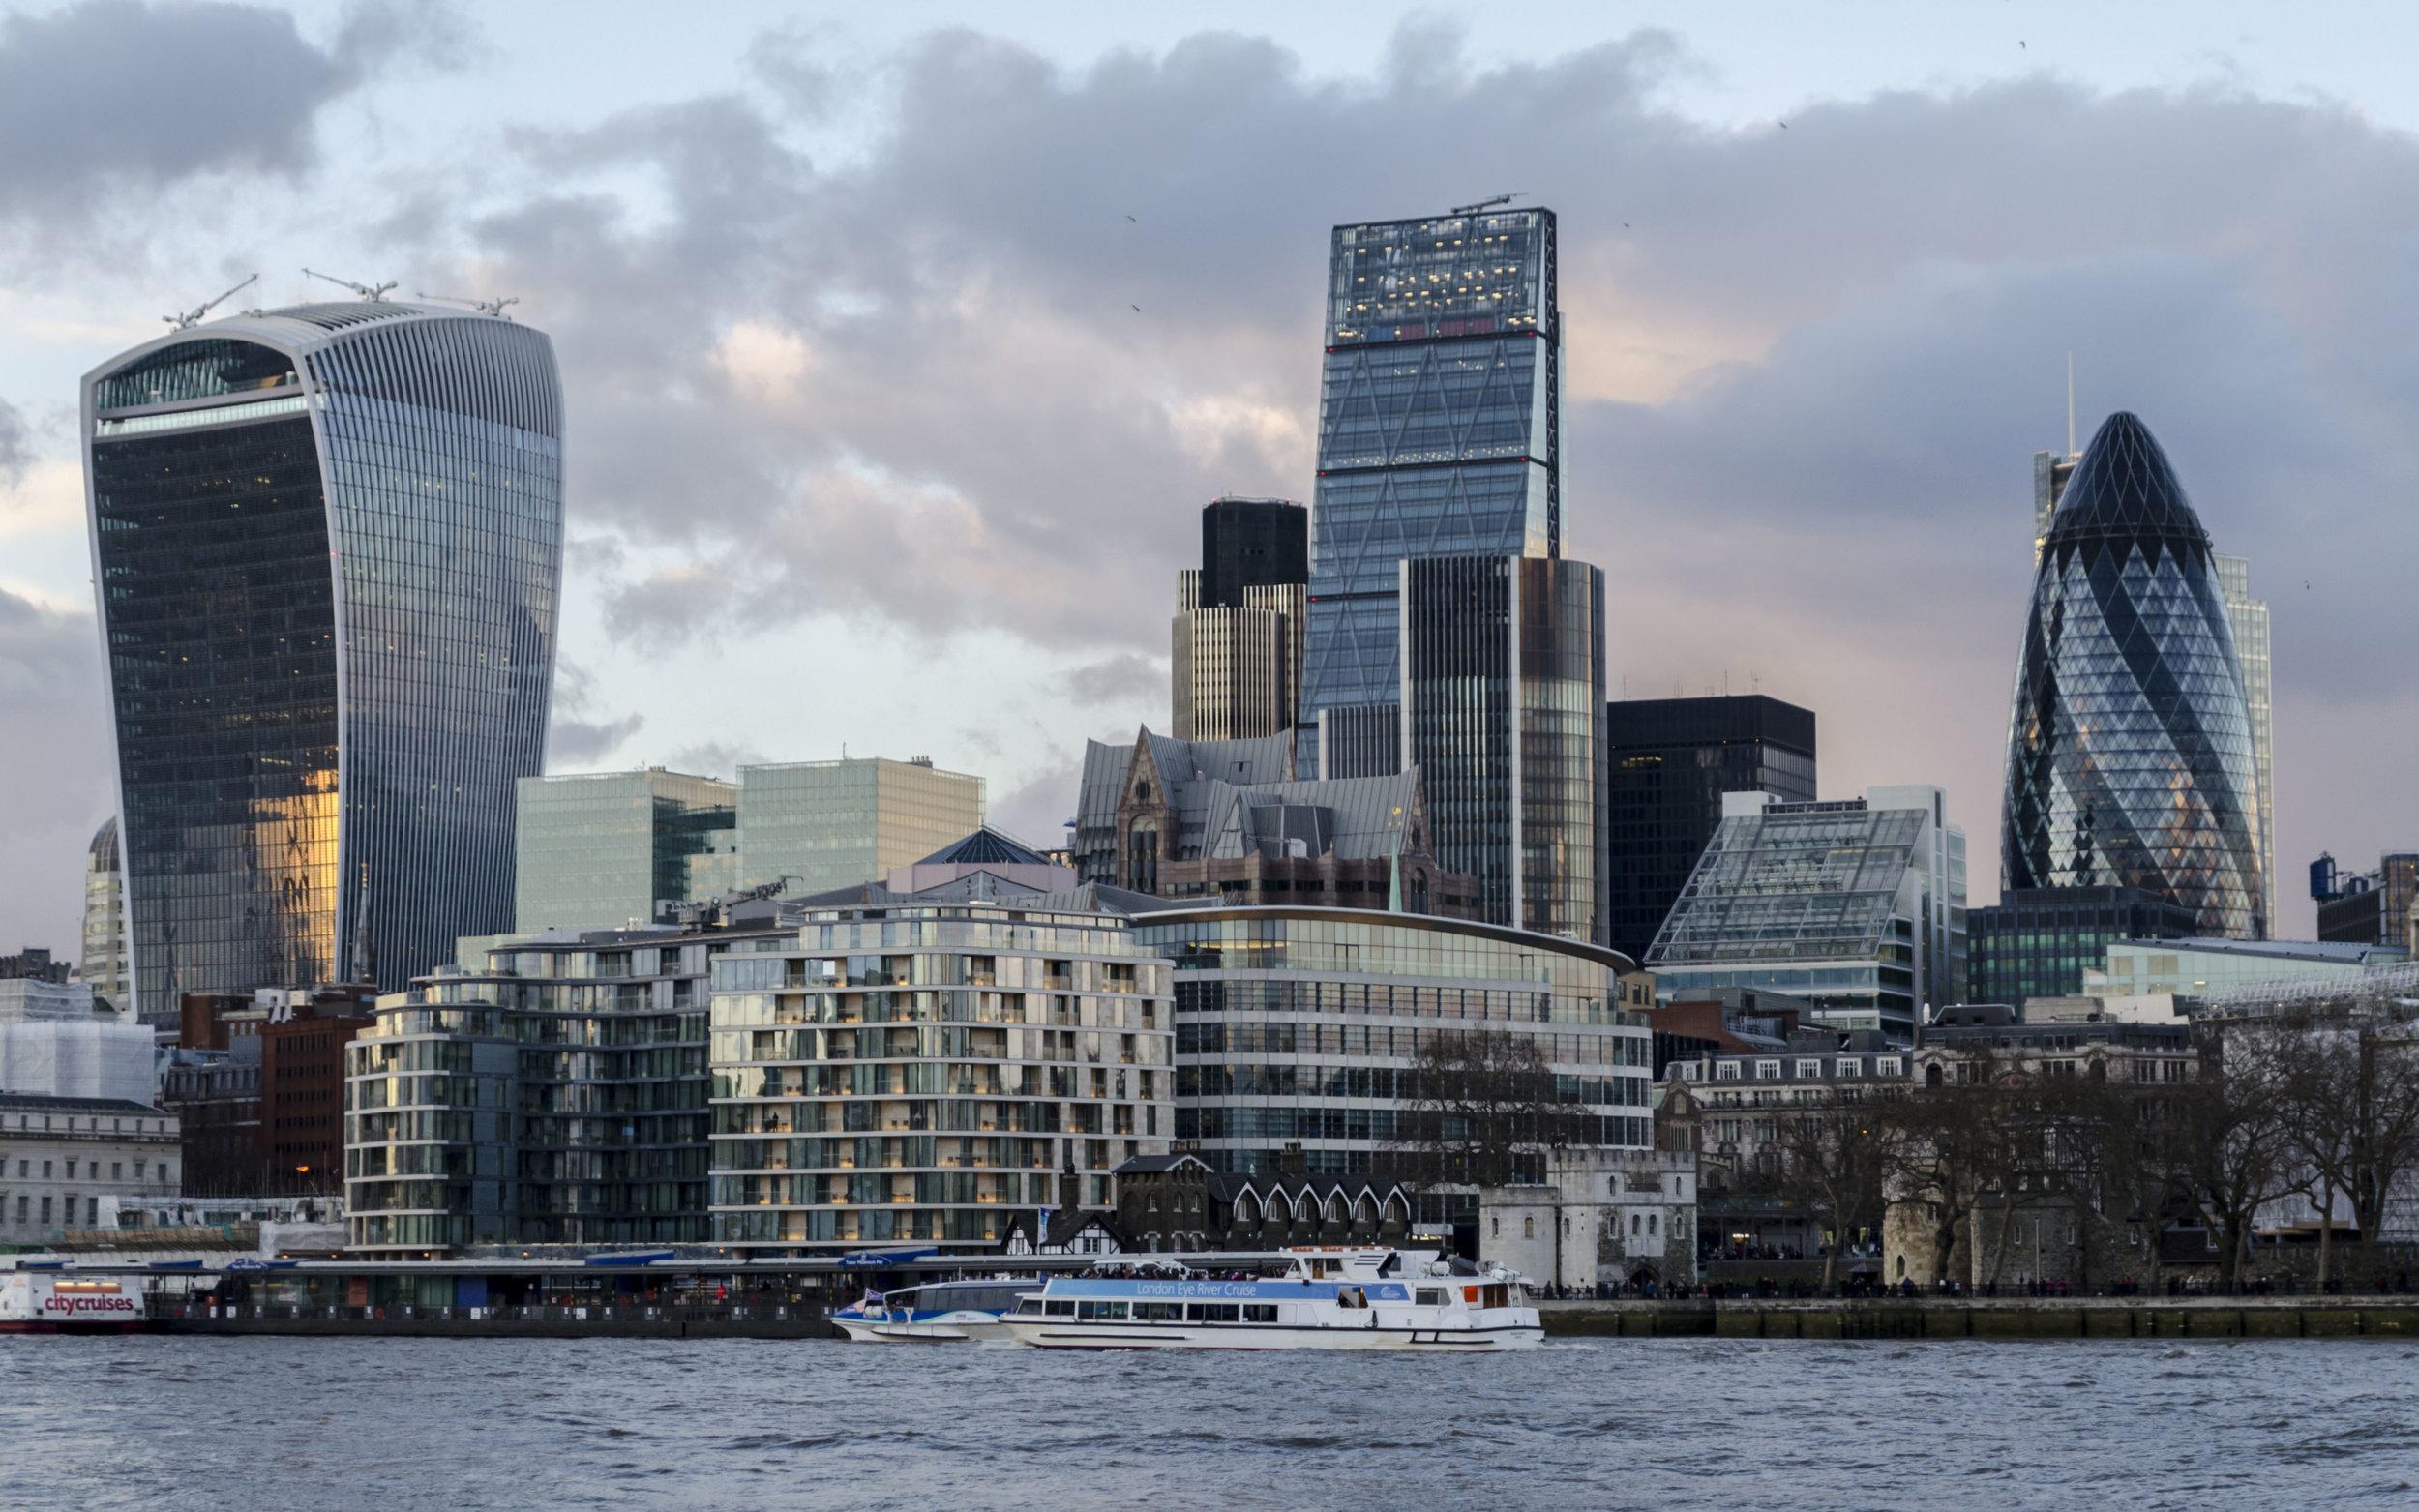 London Financial District